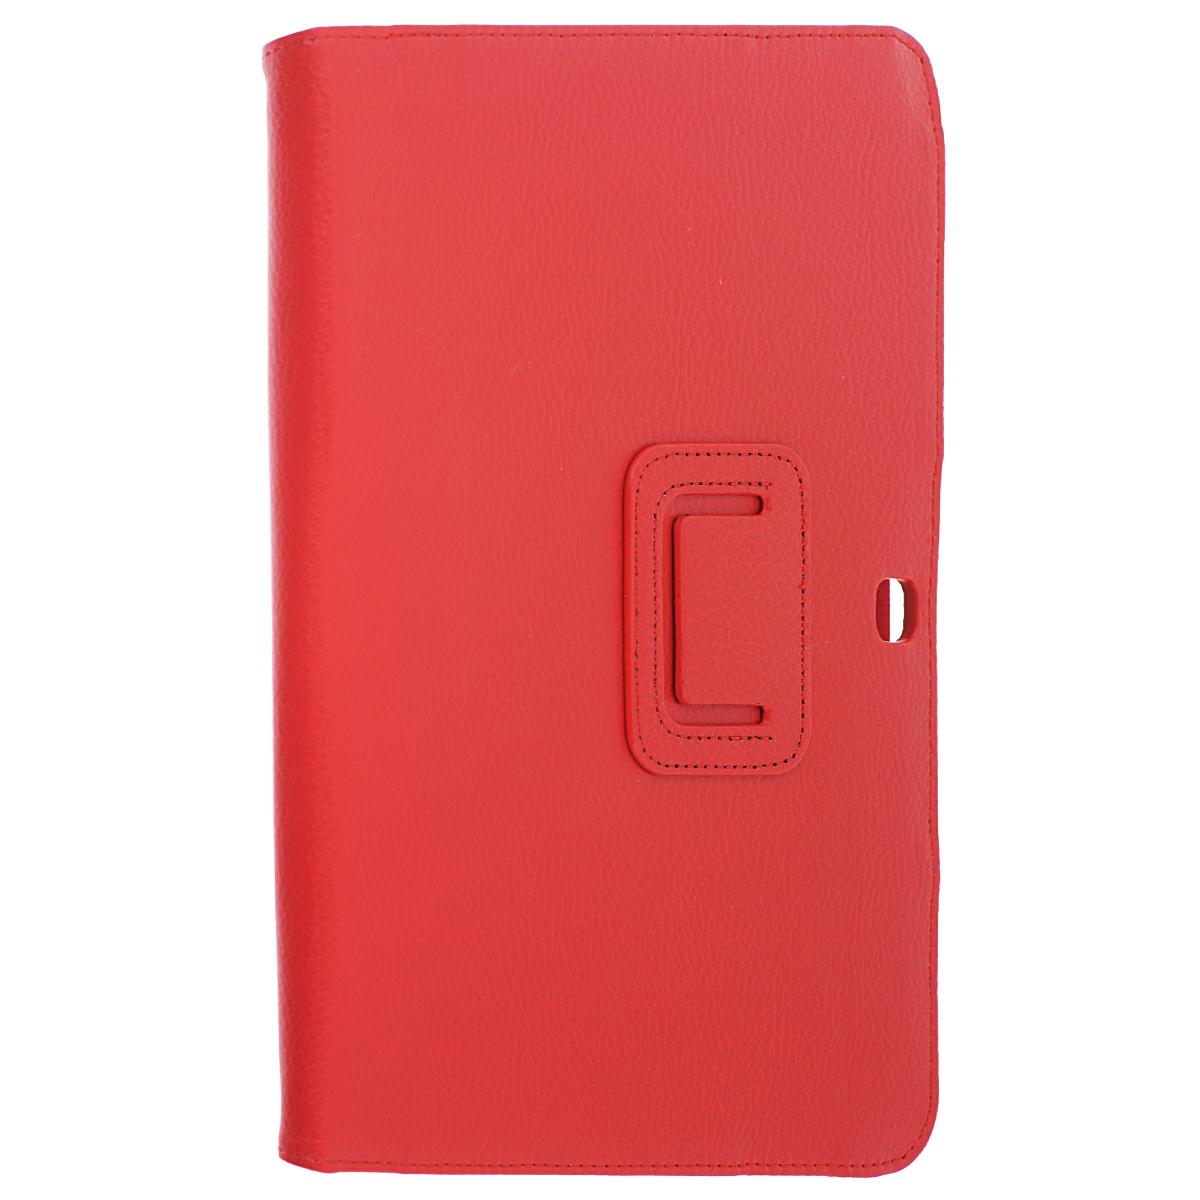 IT Baggage чехол для Samsung Galaxy Tab 4 10.1, RedITSSGT1042-3IT Baggage для Samsung Galaxy Tab 4 10.1 - удобный чехол для вашего планшета. Он сохранит ваш планшет от царапин, пыли и грязи. Даже при частом использовании в нём вашего планшетного компьютера, его хватит на несколько лет. Может быть использован в качестве подставки для чтения книг и просмотра фильмов.